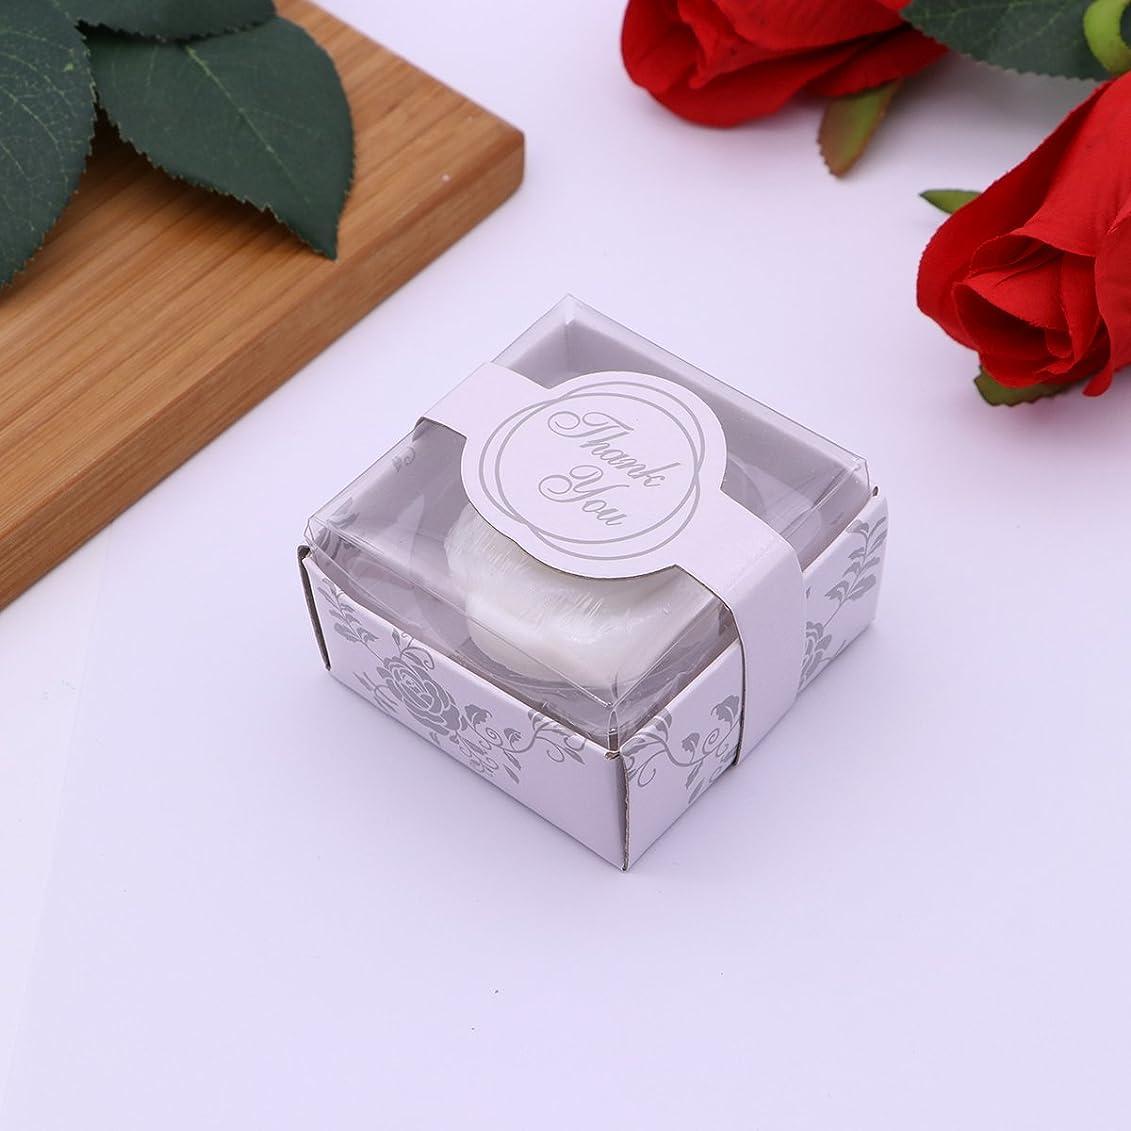 彼のキャンディー小さいAmosfun 手作り石鹸オイルローズフラワーソープアロマエッセンシャルオイルギフト記念日誕生日結婚式バレンタインデー(ホワイト)20ピース